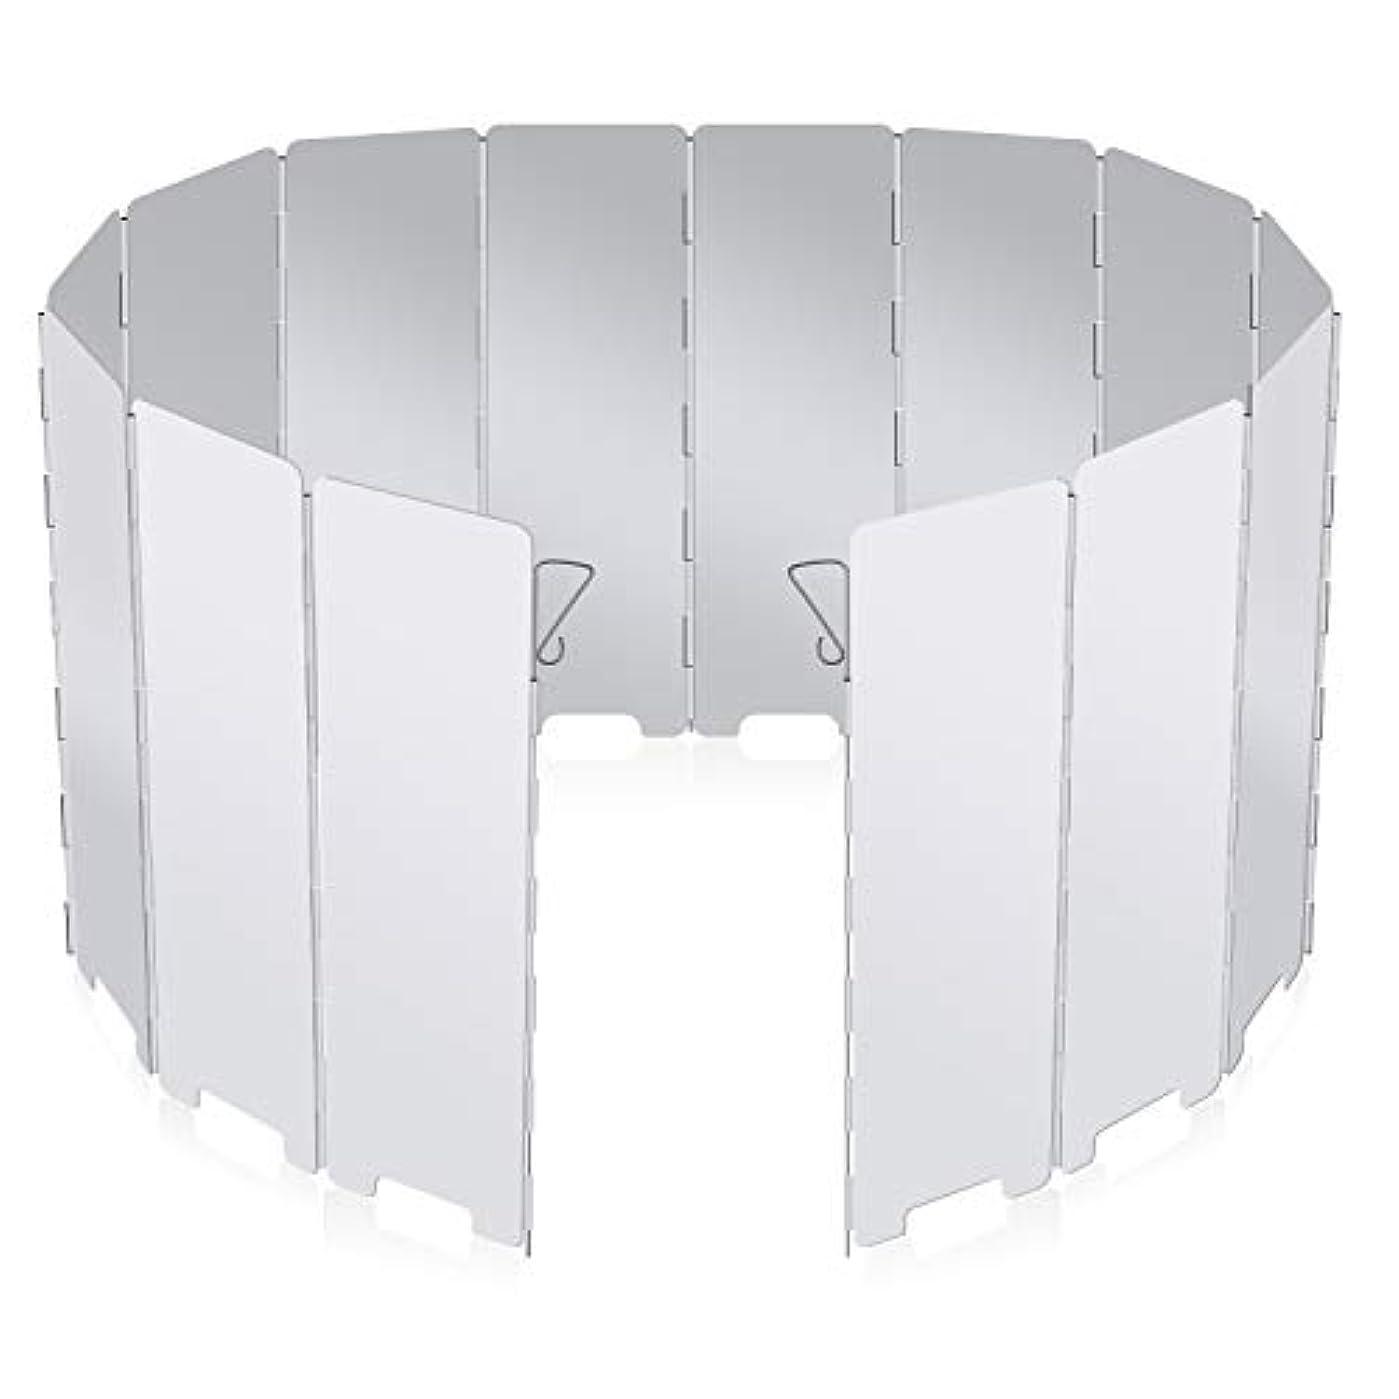 徴収精神的に注目すべきChamsaler風除板 ウインドスクリーン 折り畳み式 防風板 アルミ製 14枚 延長版 軽量 小型 耐摩 キャンプ 登山 アウトドア活動に適用 収納袋付き 携帯に便利